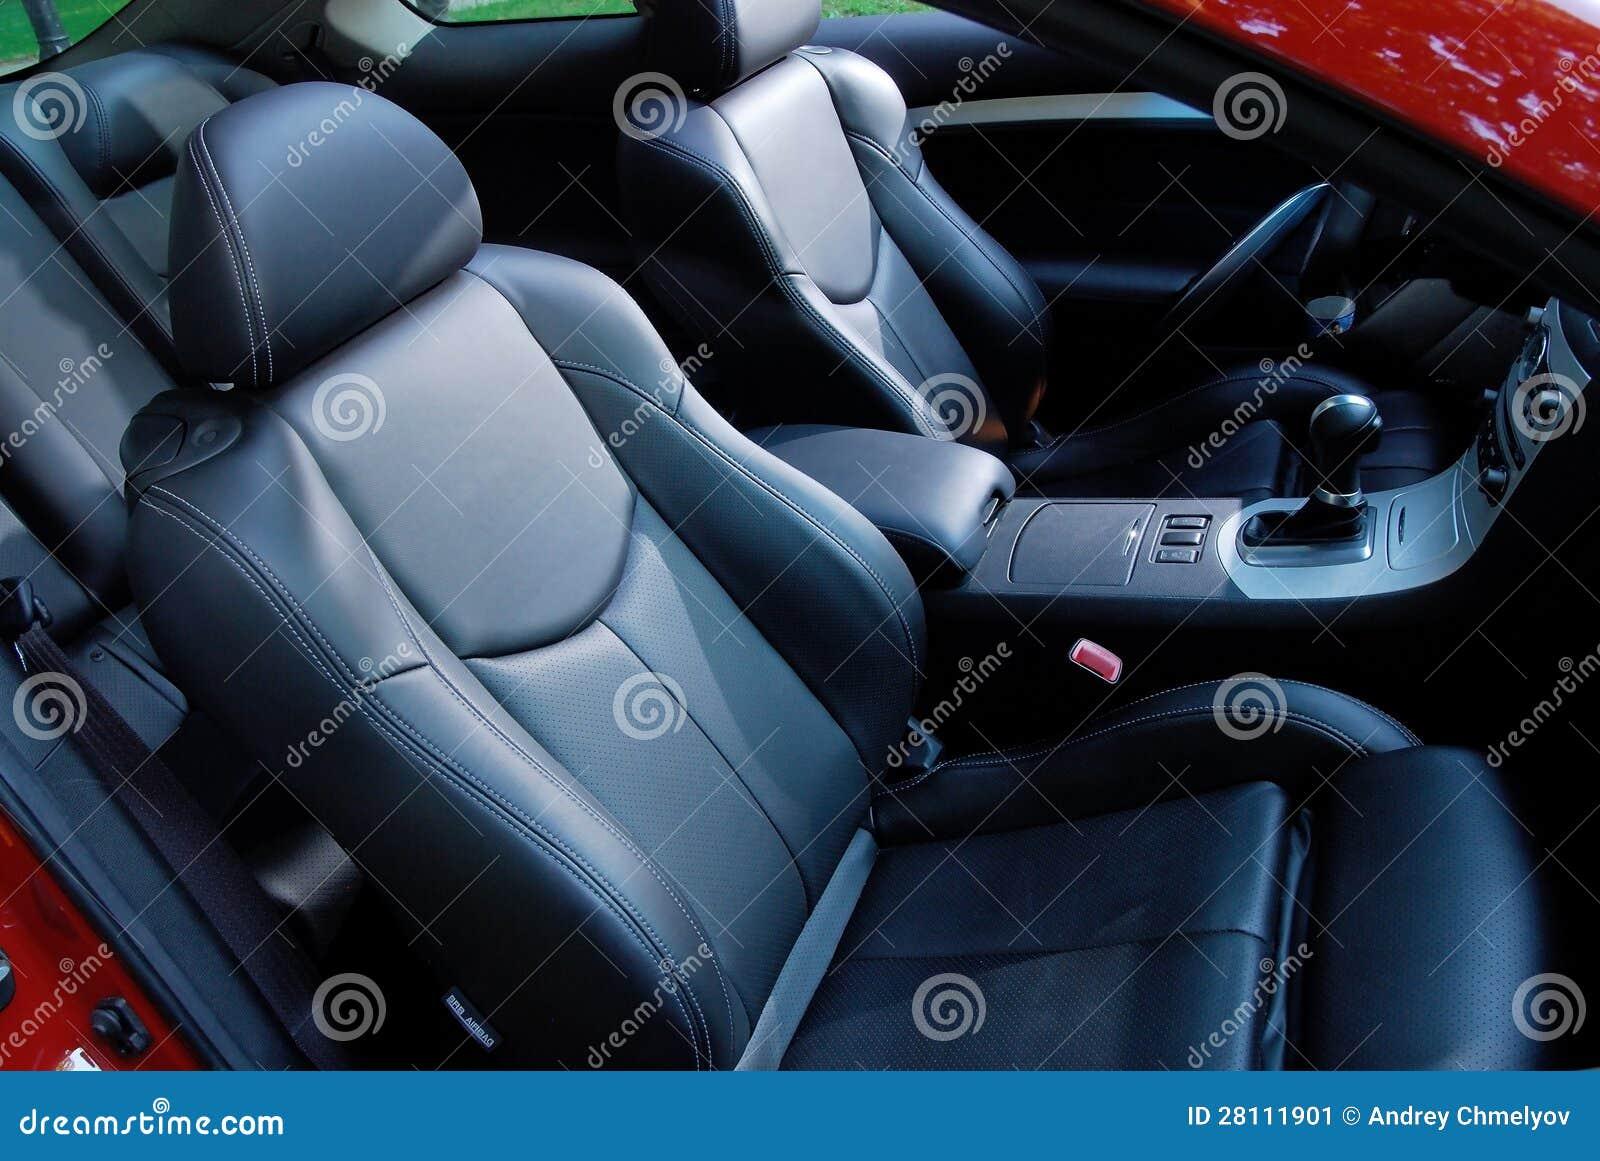 car interior stock image image 28111901. Black Bedroom Furniture Sets. Home Design Ideas